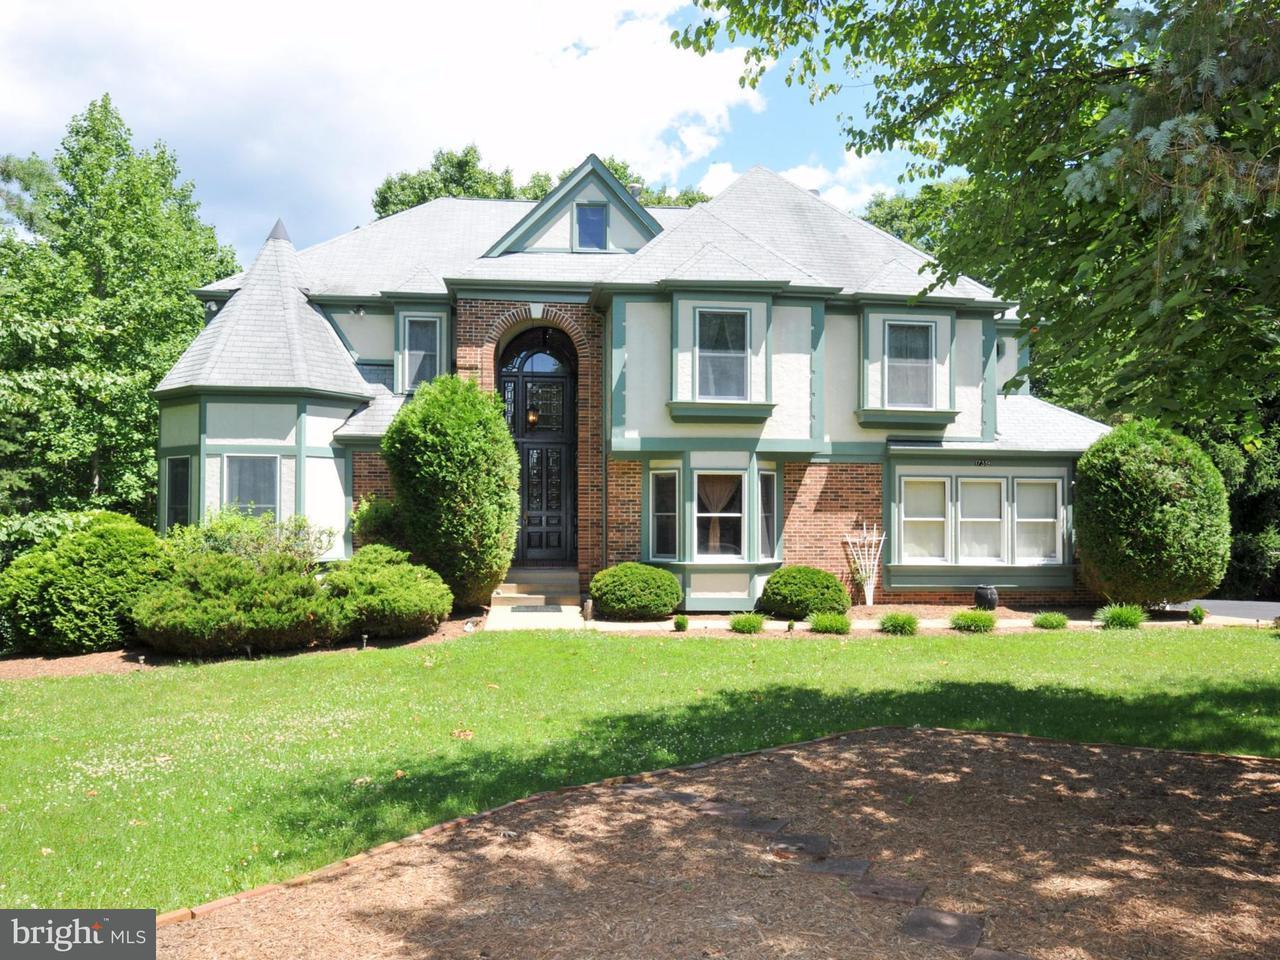 단독 가정 주택 용 매매 에 17319 N. CAMBRIDGE WAY 17319 N. CAMBRIDGE WAY Jeffersonton, 버지니아 22724 미국